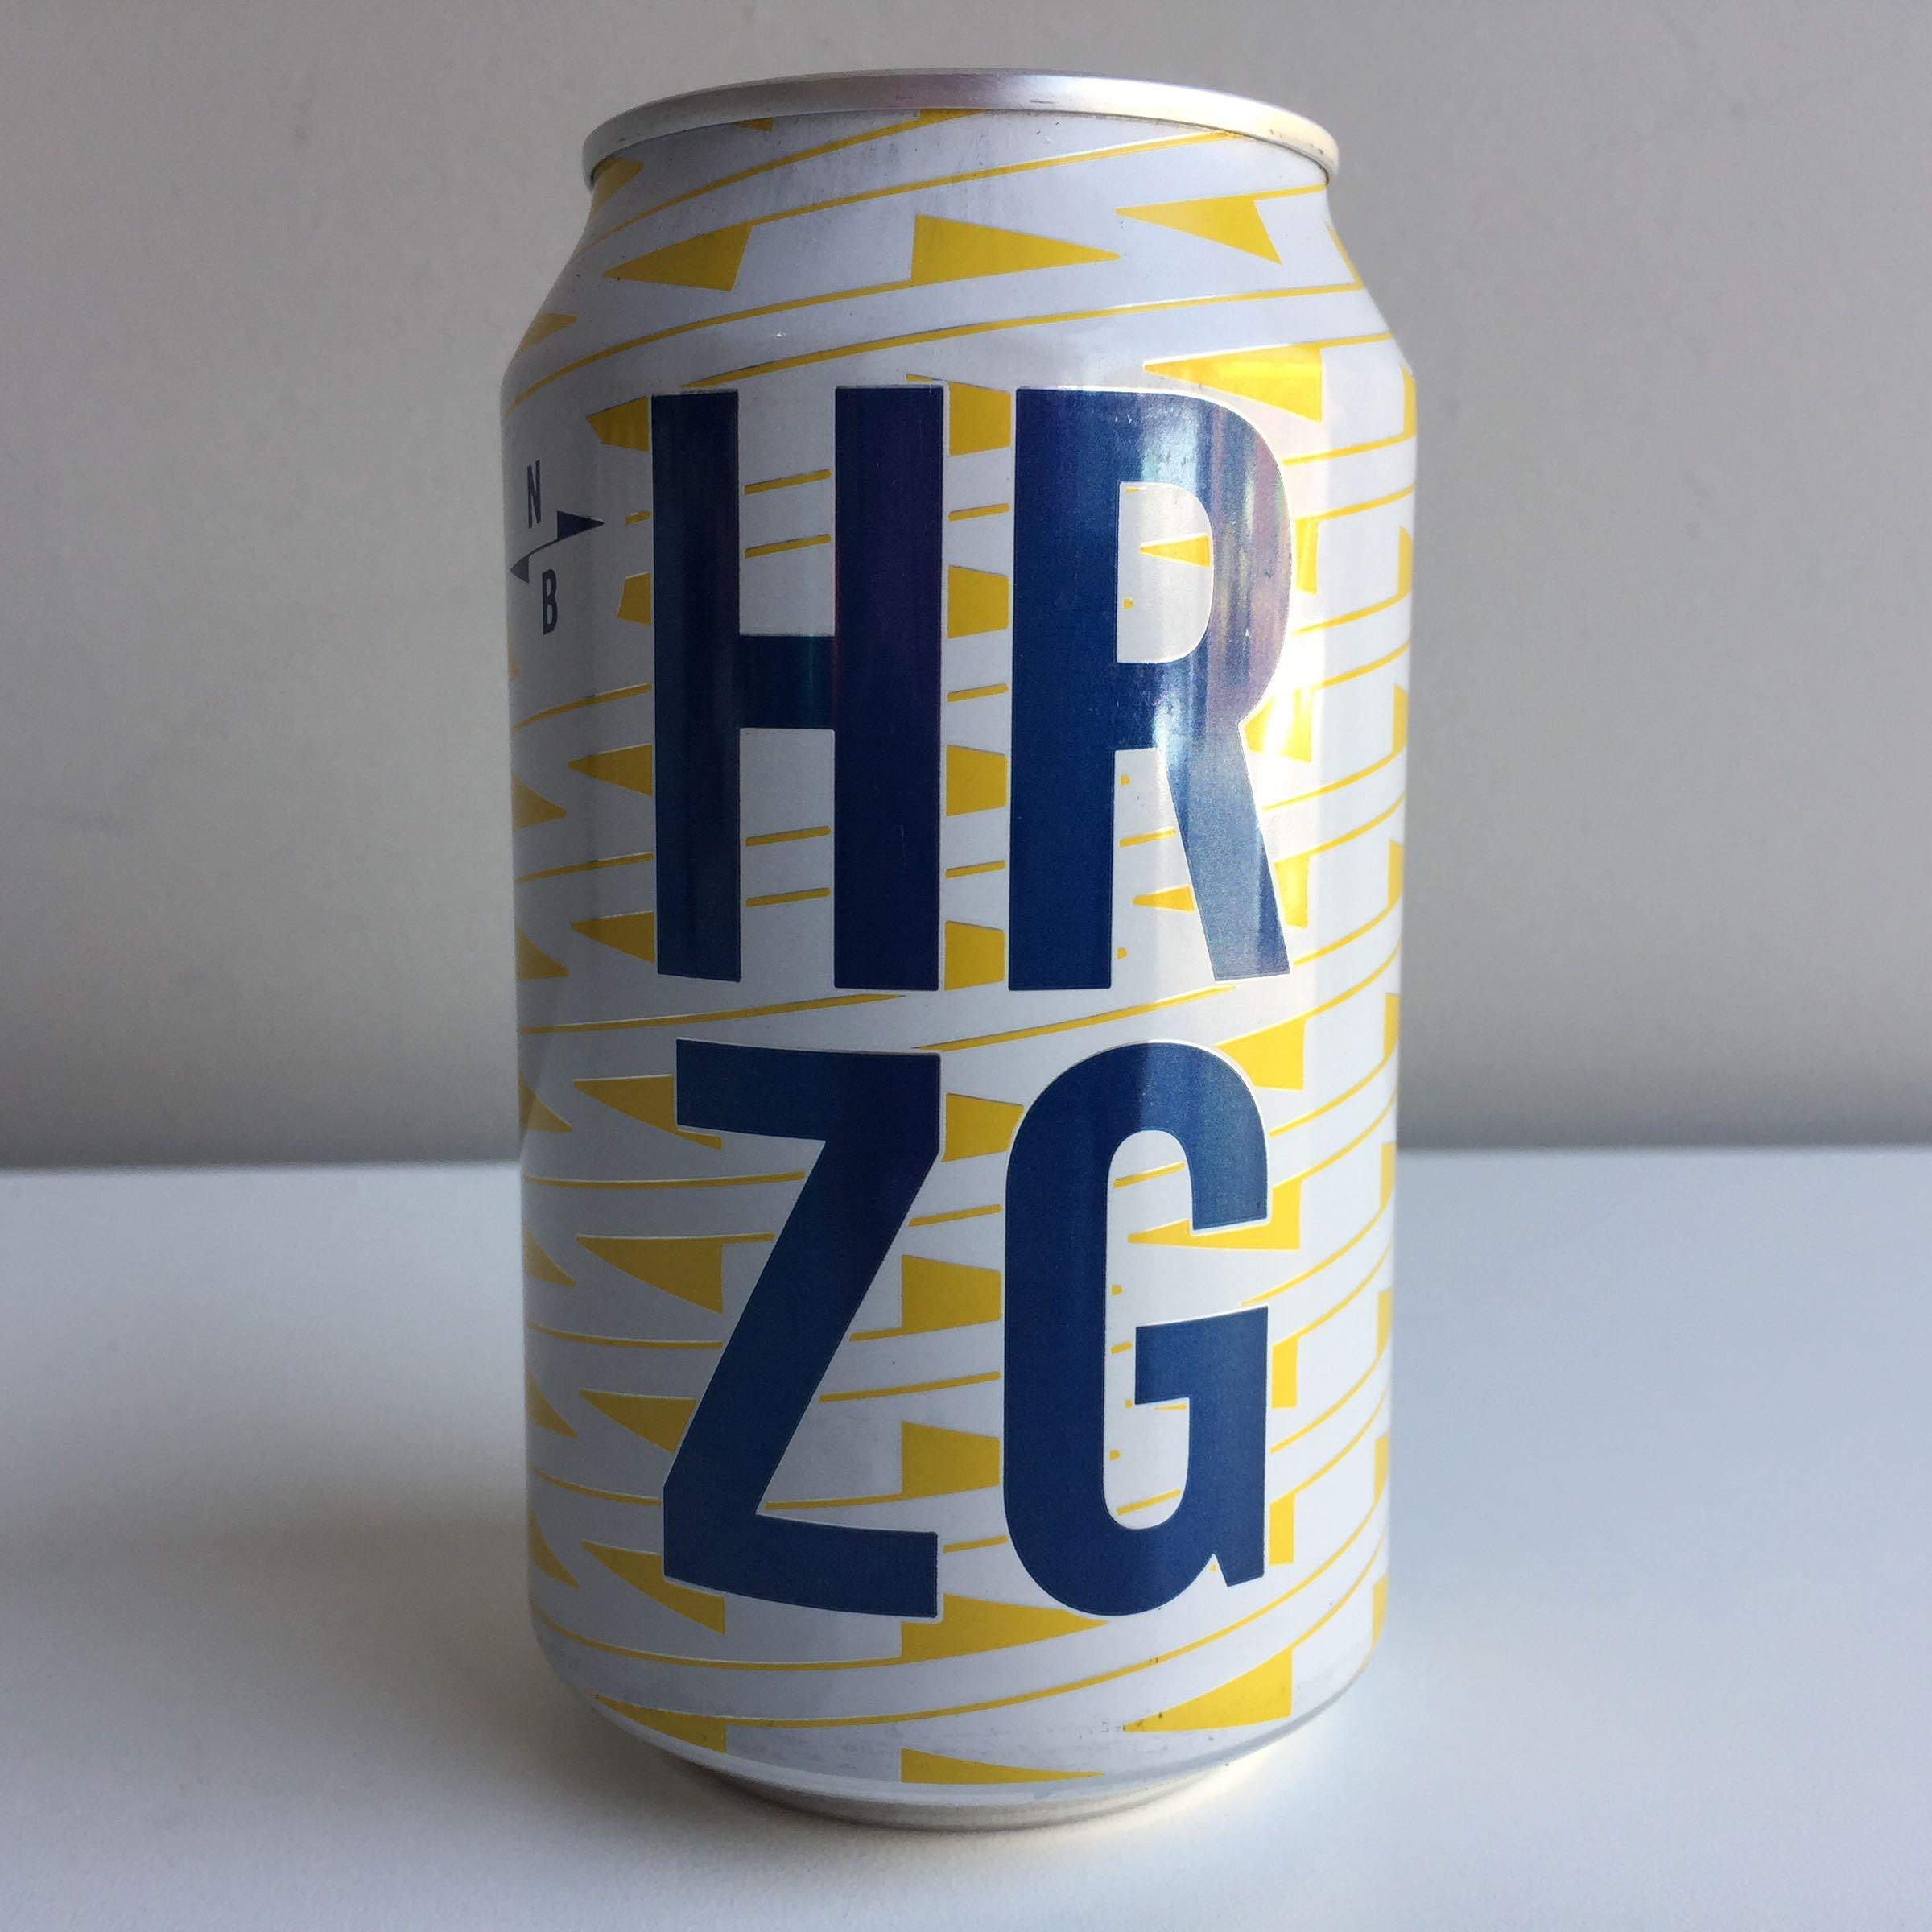 North Brewing Co. 'Herzog' Kolsch